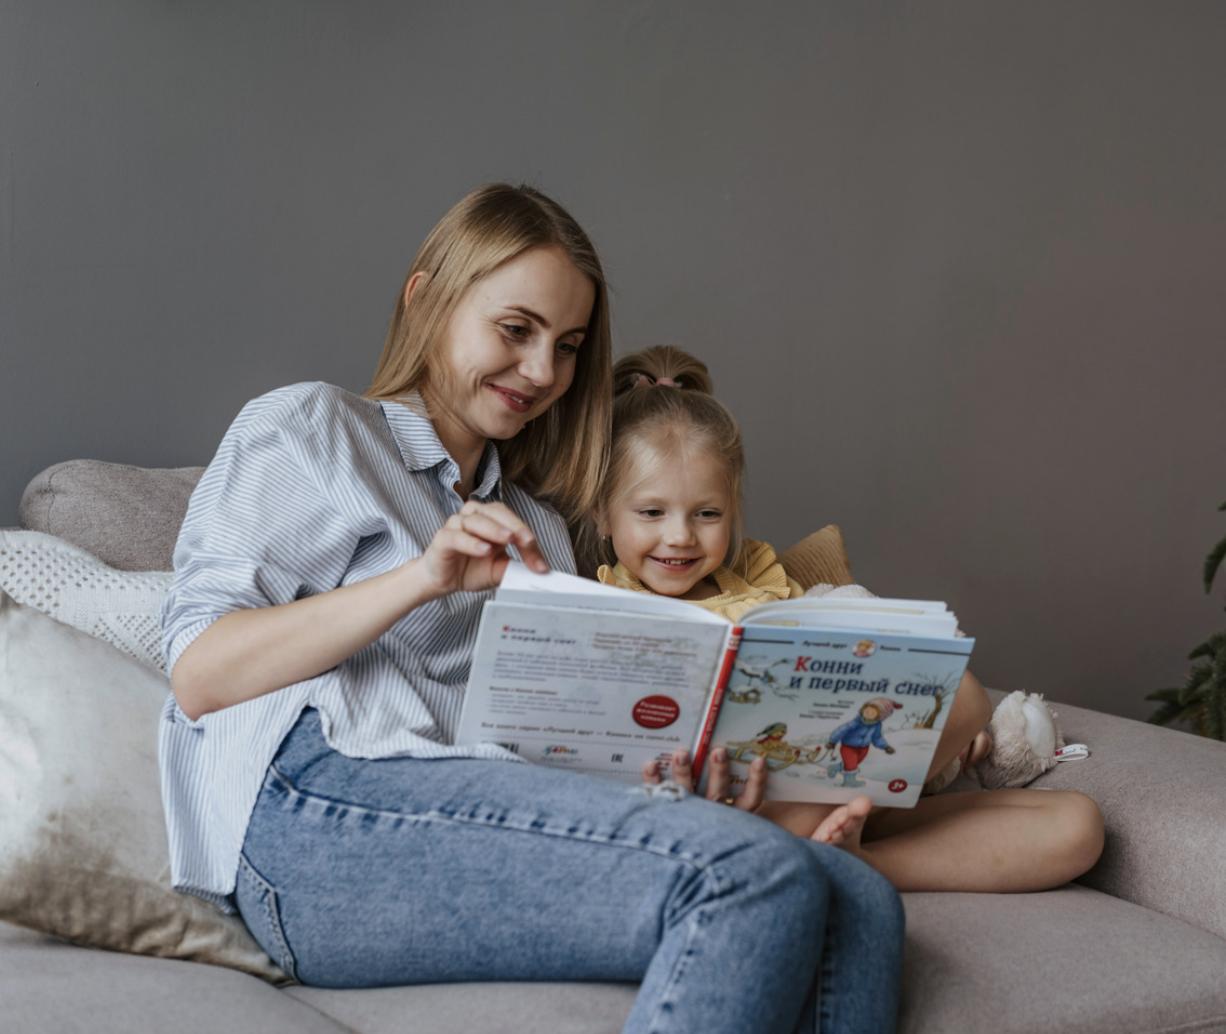 Mama e hija leiendo